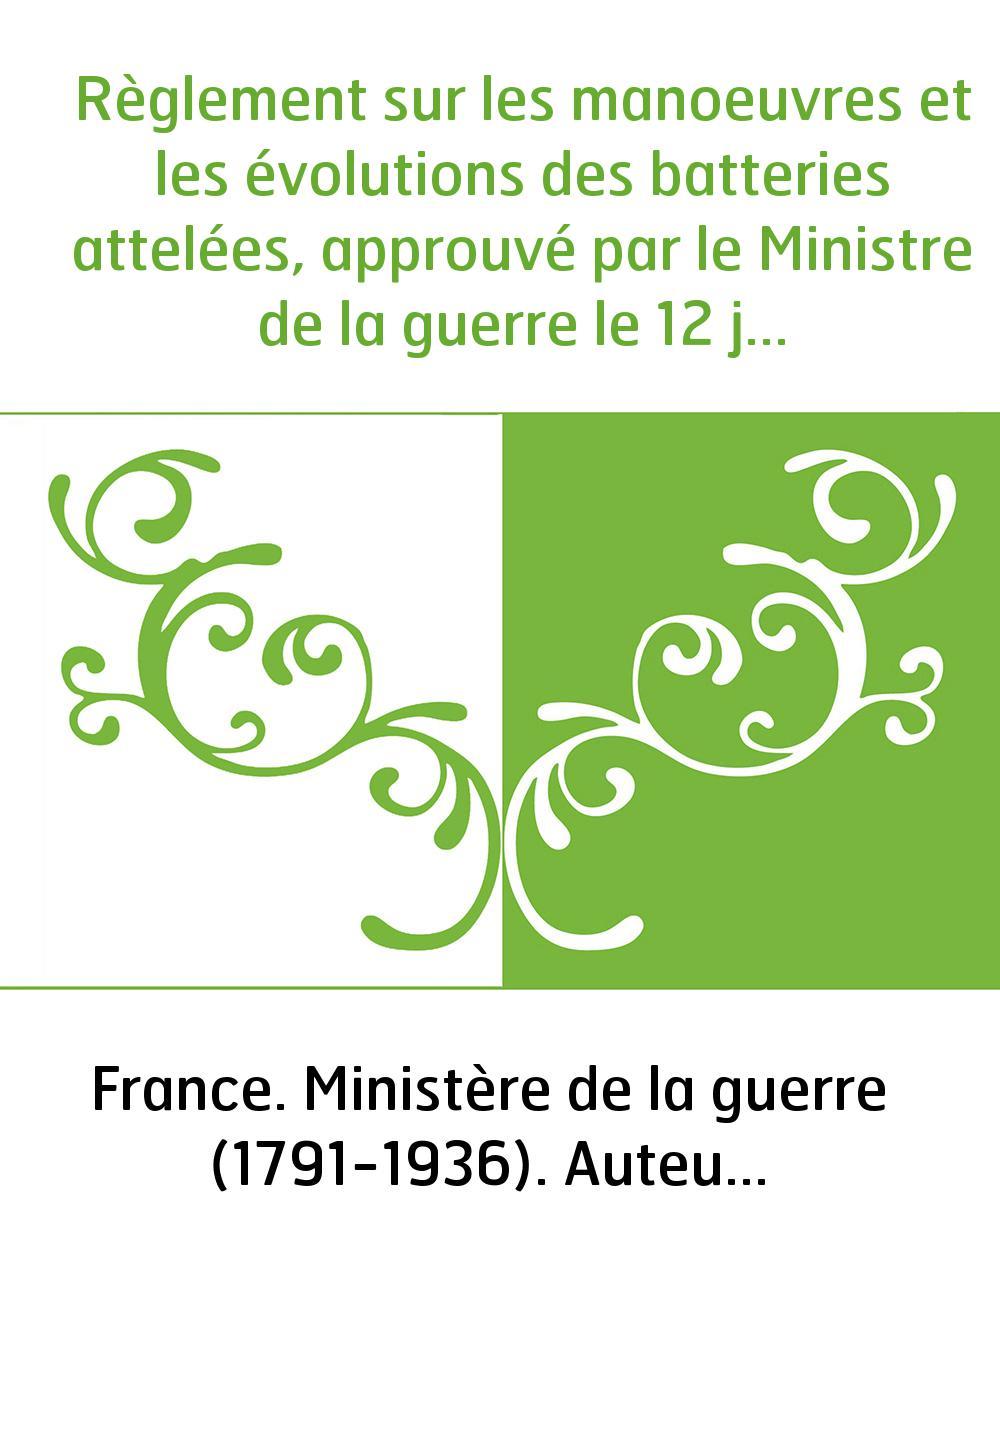 Règlement sur les manoeuvres et les évolutions des batteries attelées, approuvé par le Ministre de la guerre le 12 juin 1863 : a